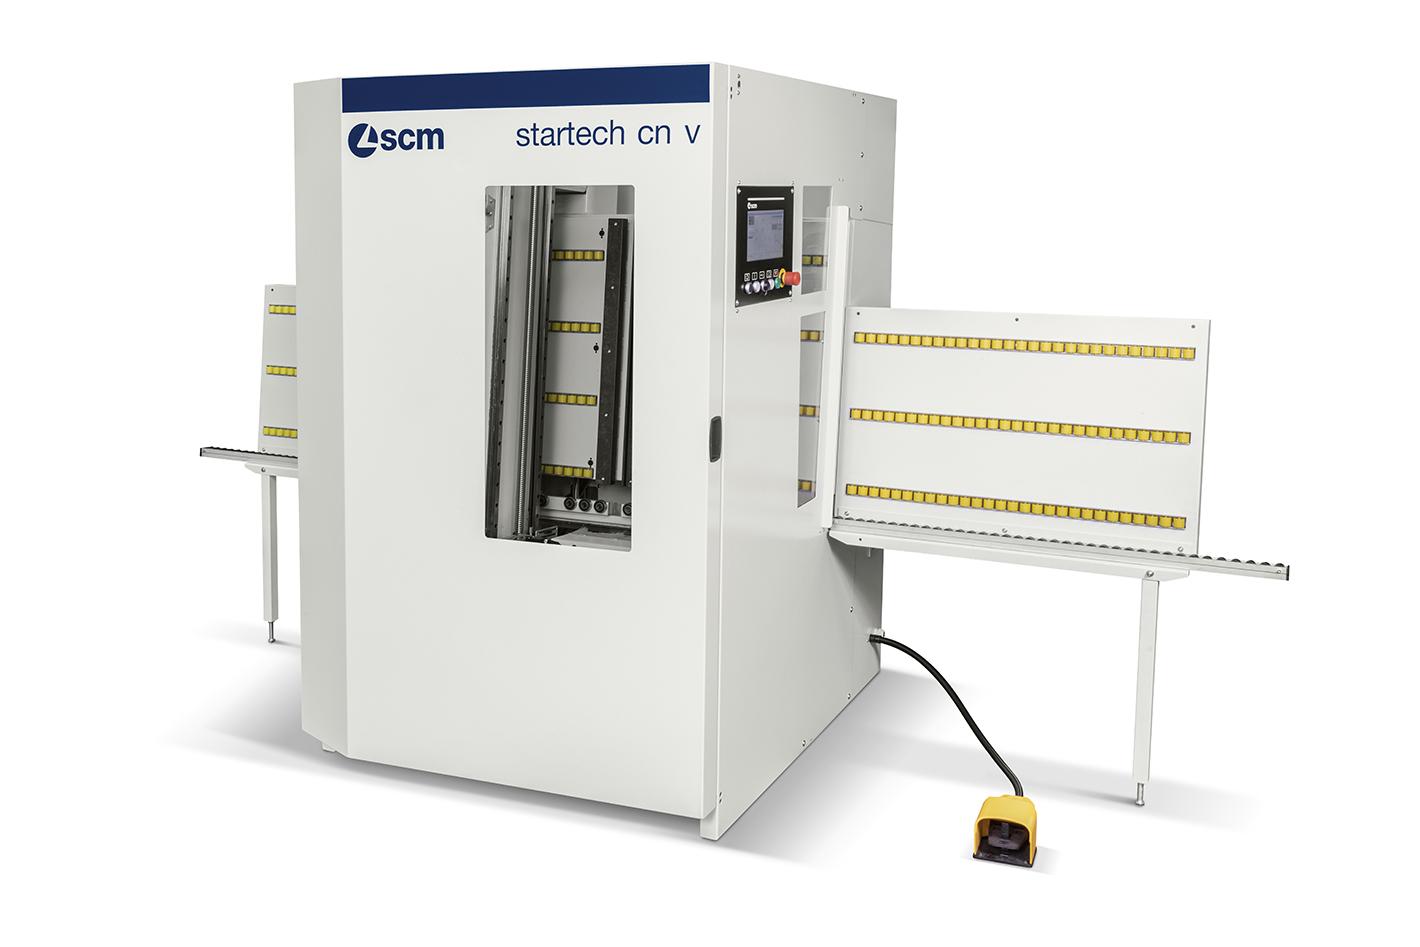 A képen a termék, egy Startech CN V - fúró és nútológép látható.